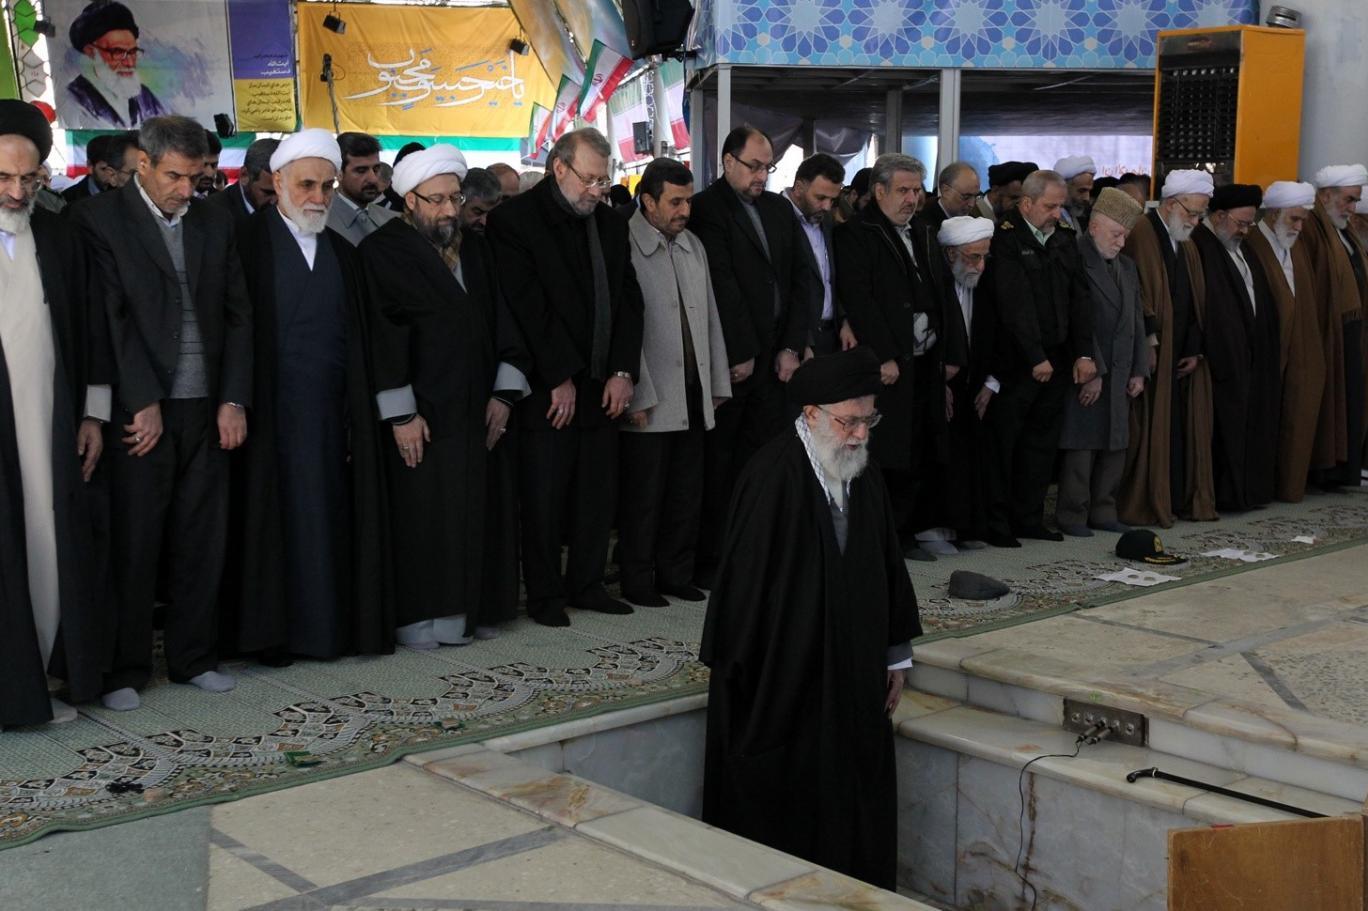 خطبههای نمازجمعه و عزیزدردانههای خامنهای در ۱۸ دی ۷۷ رهبر جمهوری اسلامی تمامقد از وزارت اطلاعات دفاع کرد